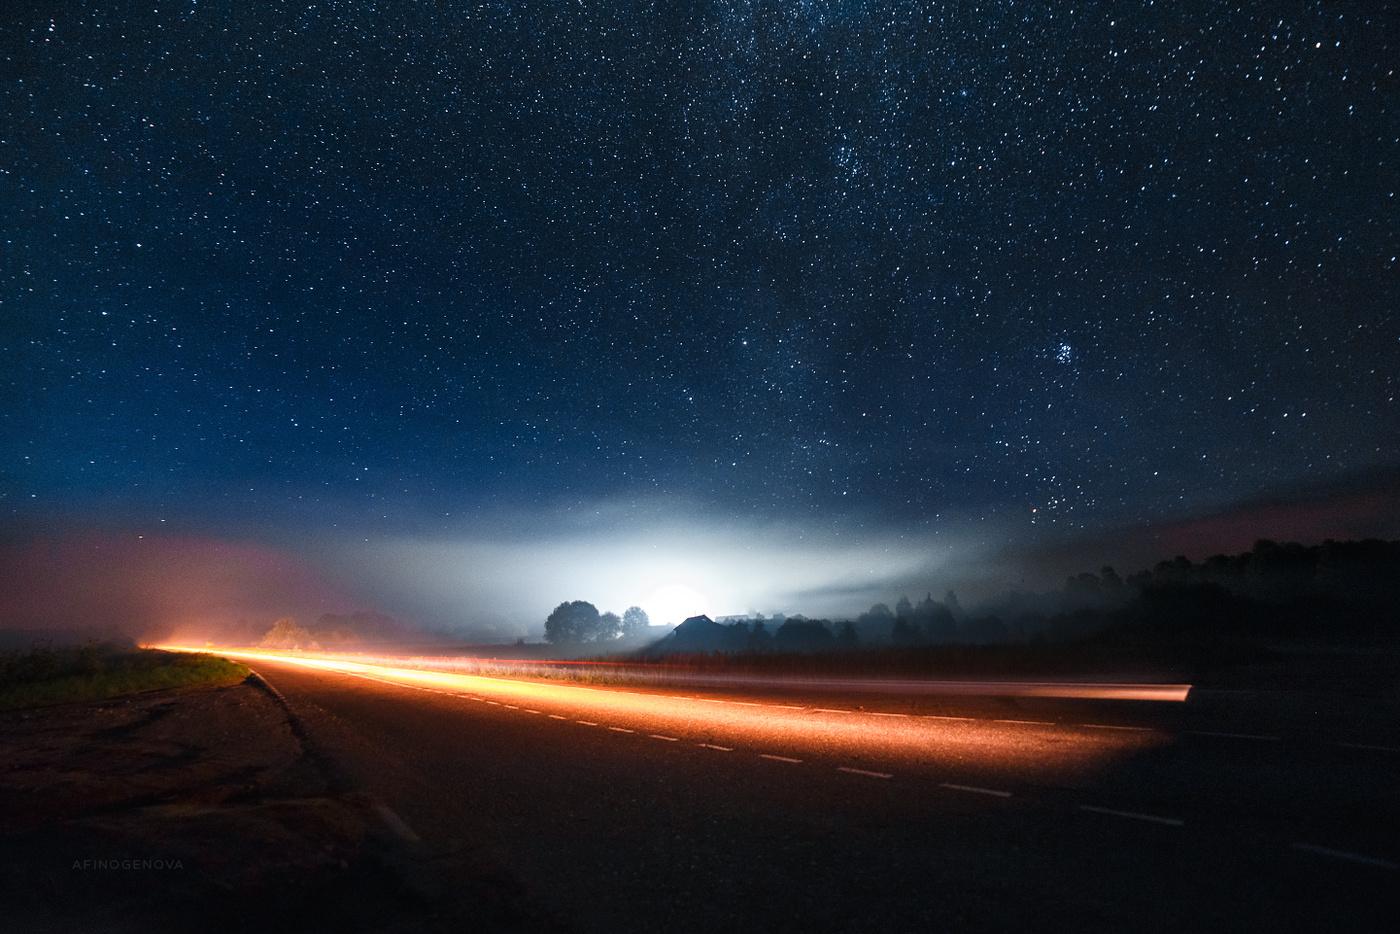 братья дорога и звездное небо фото лицо организации уникальный